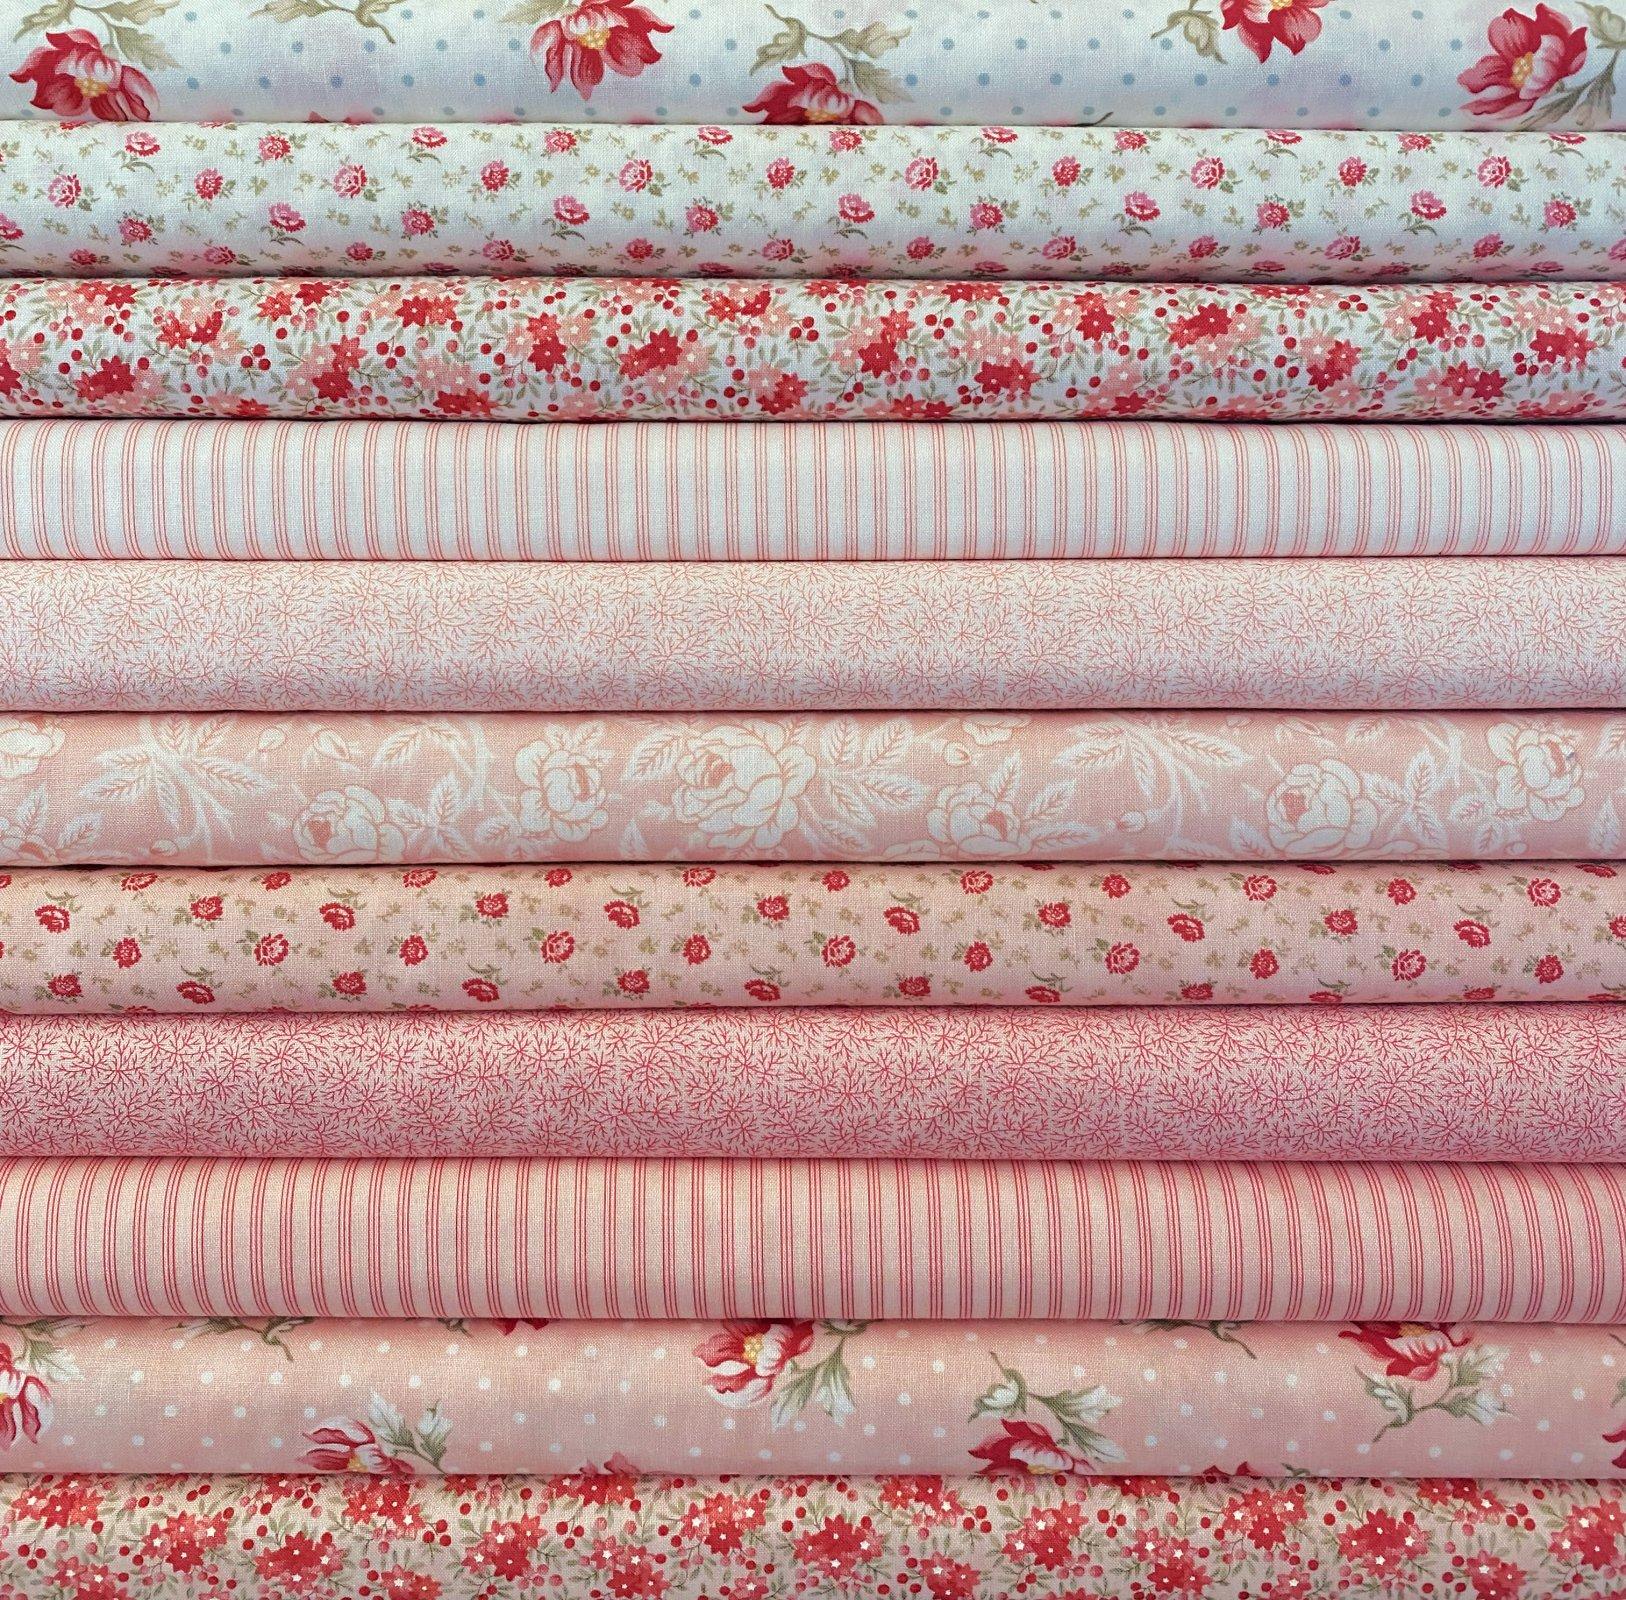 Sanctuary Pinks - 11 Fat Quarters